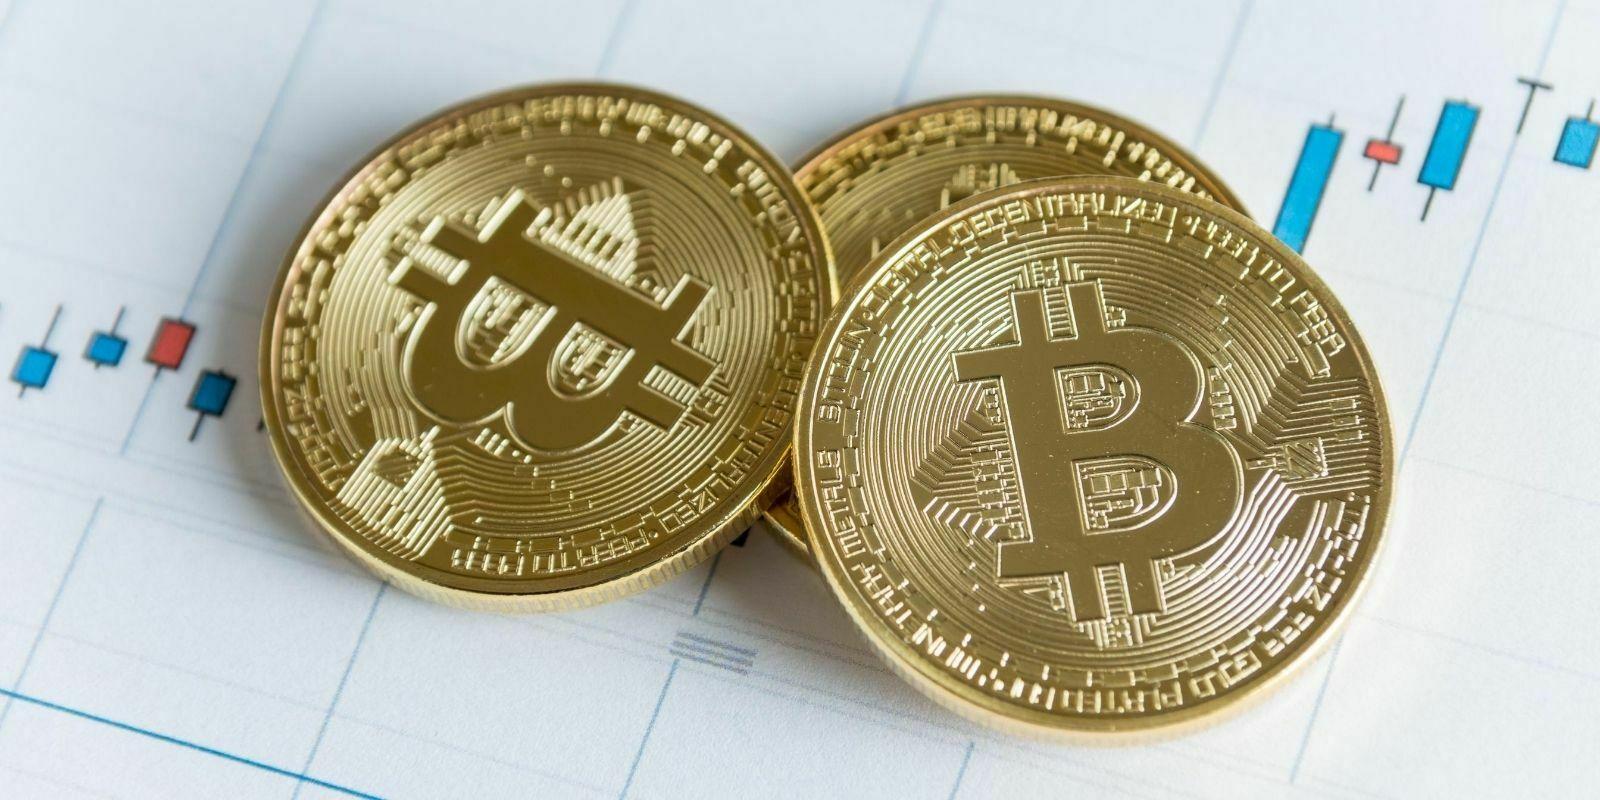 Le point bas du Bitcoin (BTC) a-t-il été trouvé sur le support des 10 000$ ?